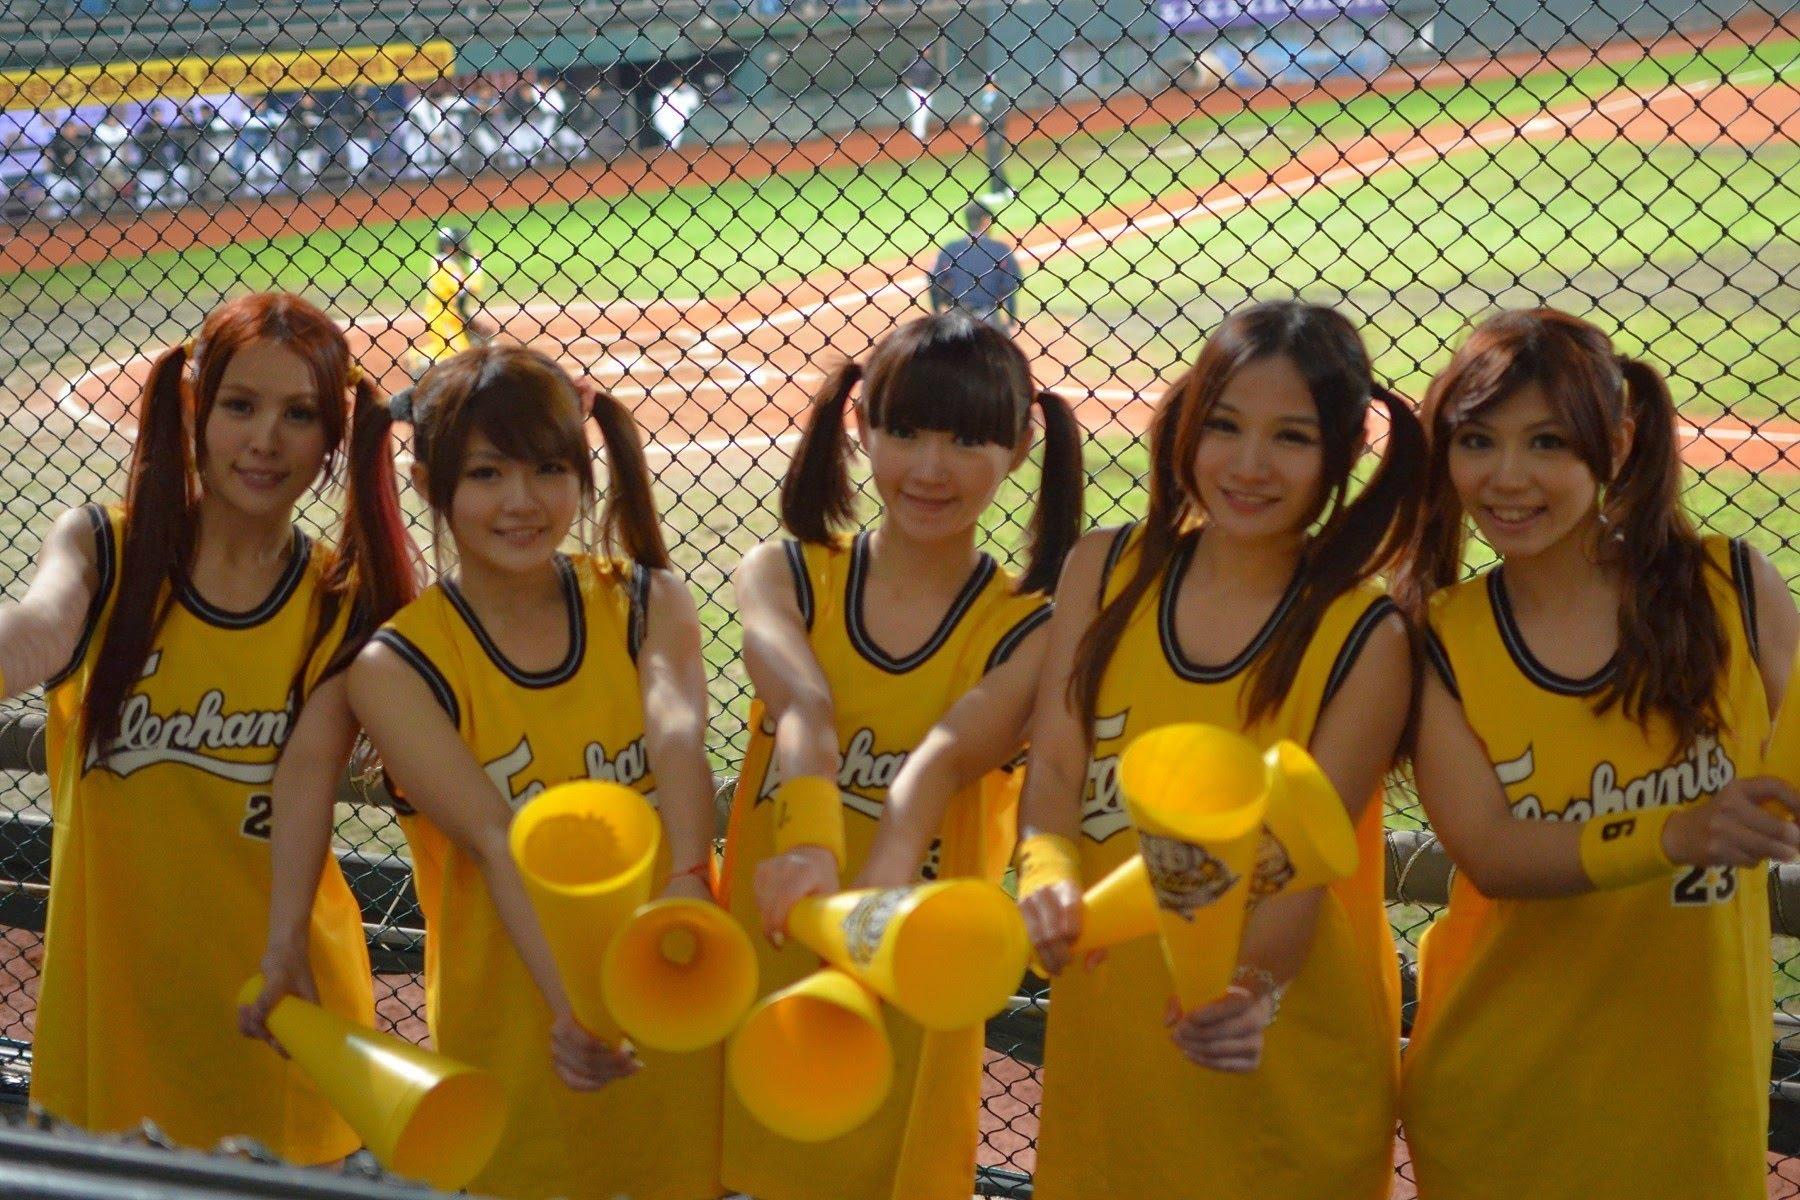 【野球どころじゃない】エロ過ぎる台湾巨乳チアガール